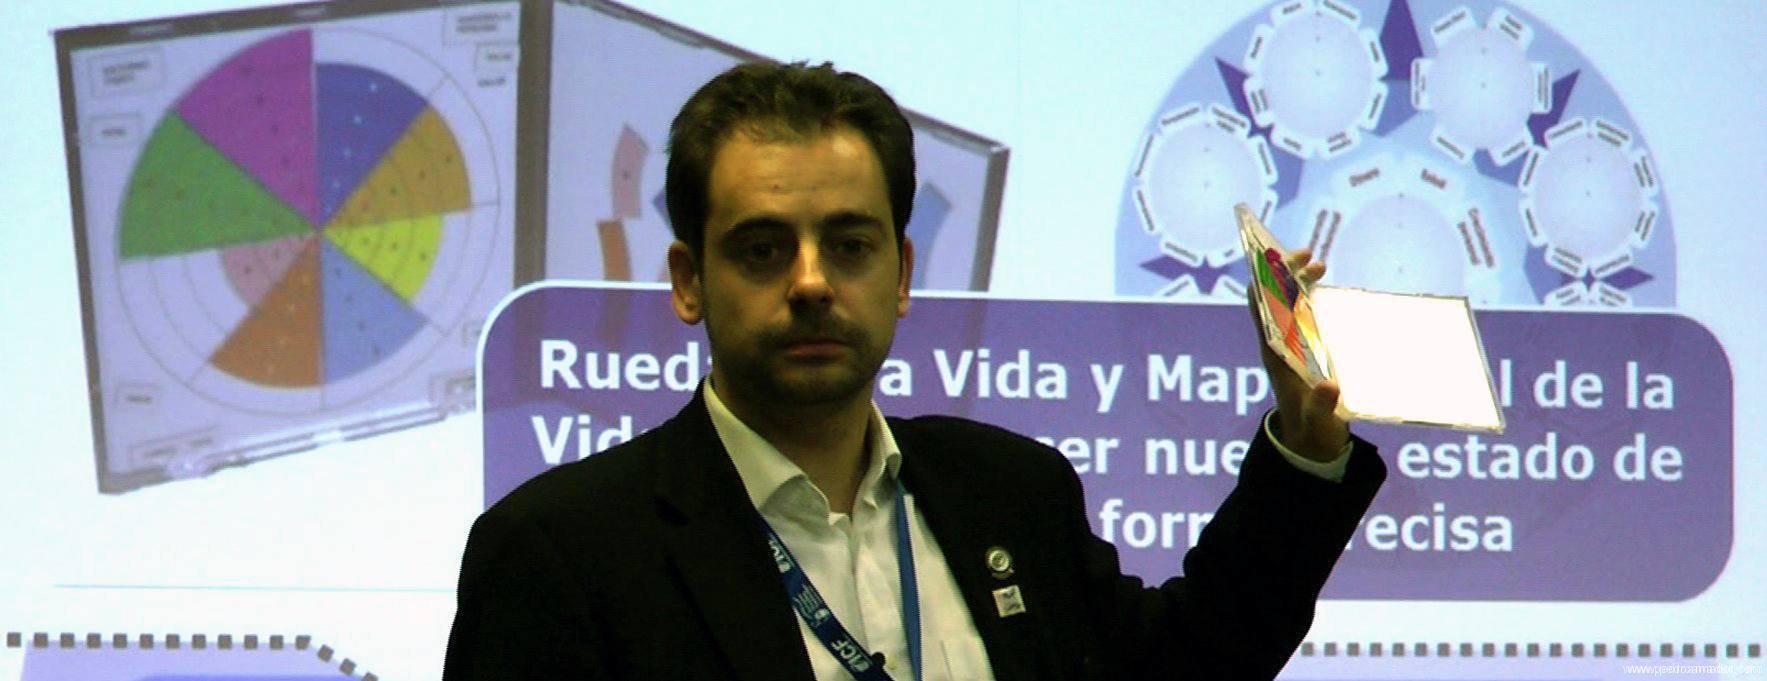 PEDRO AMADOR presentando en ICF